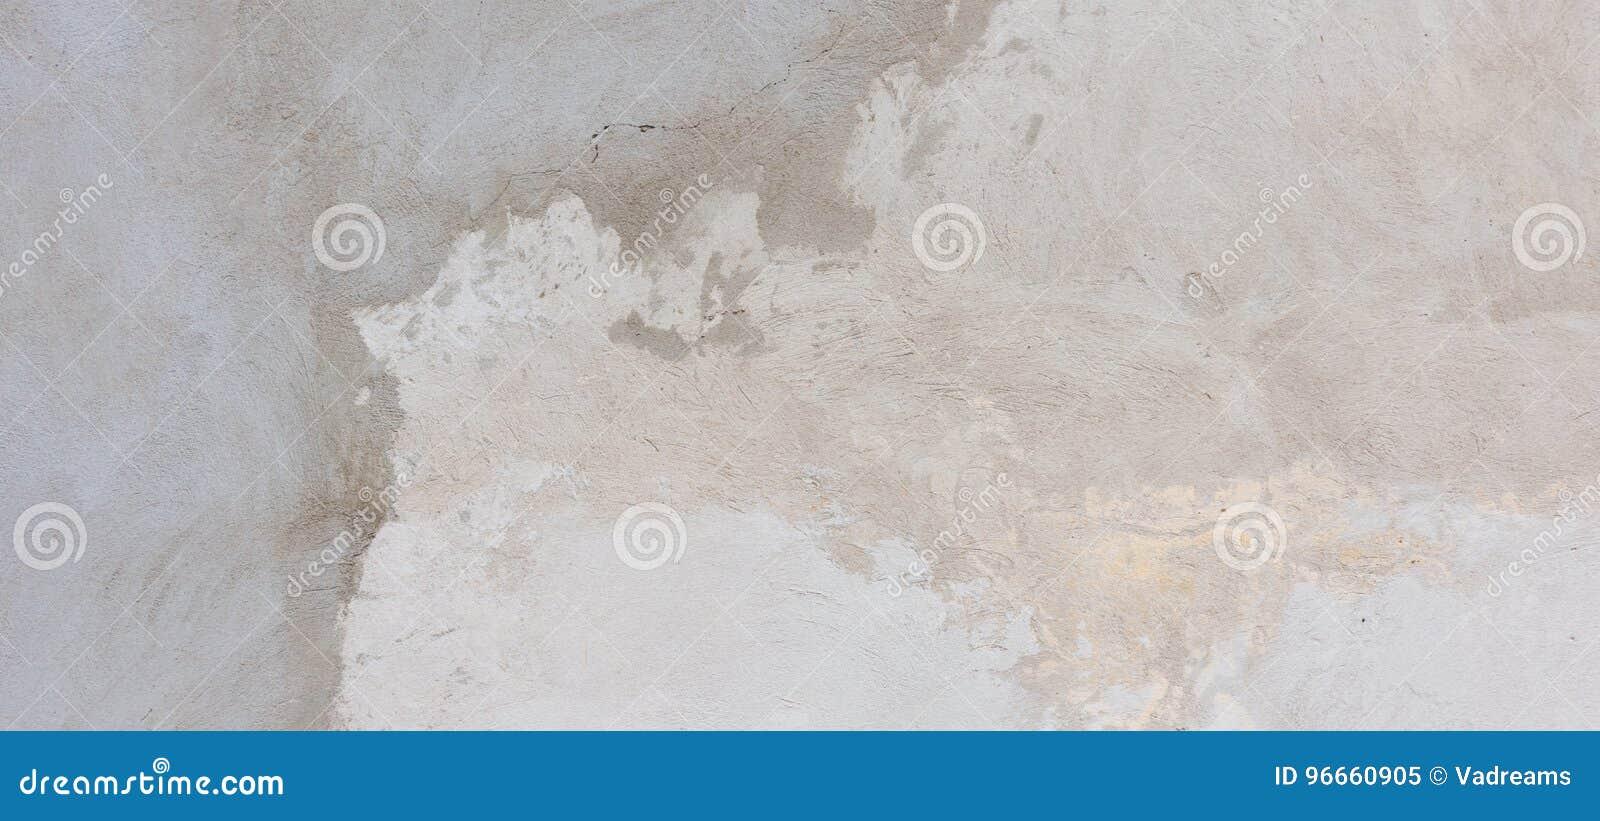 Textura enyesada del fondo del muro de cemento del cemento